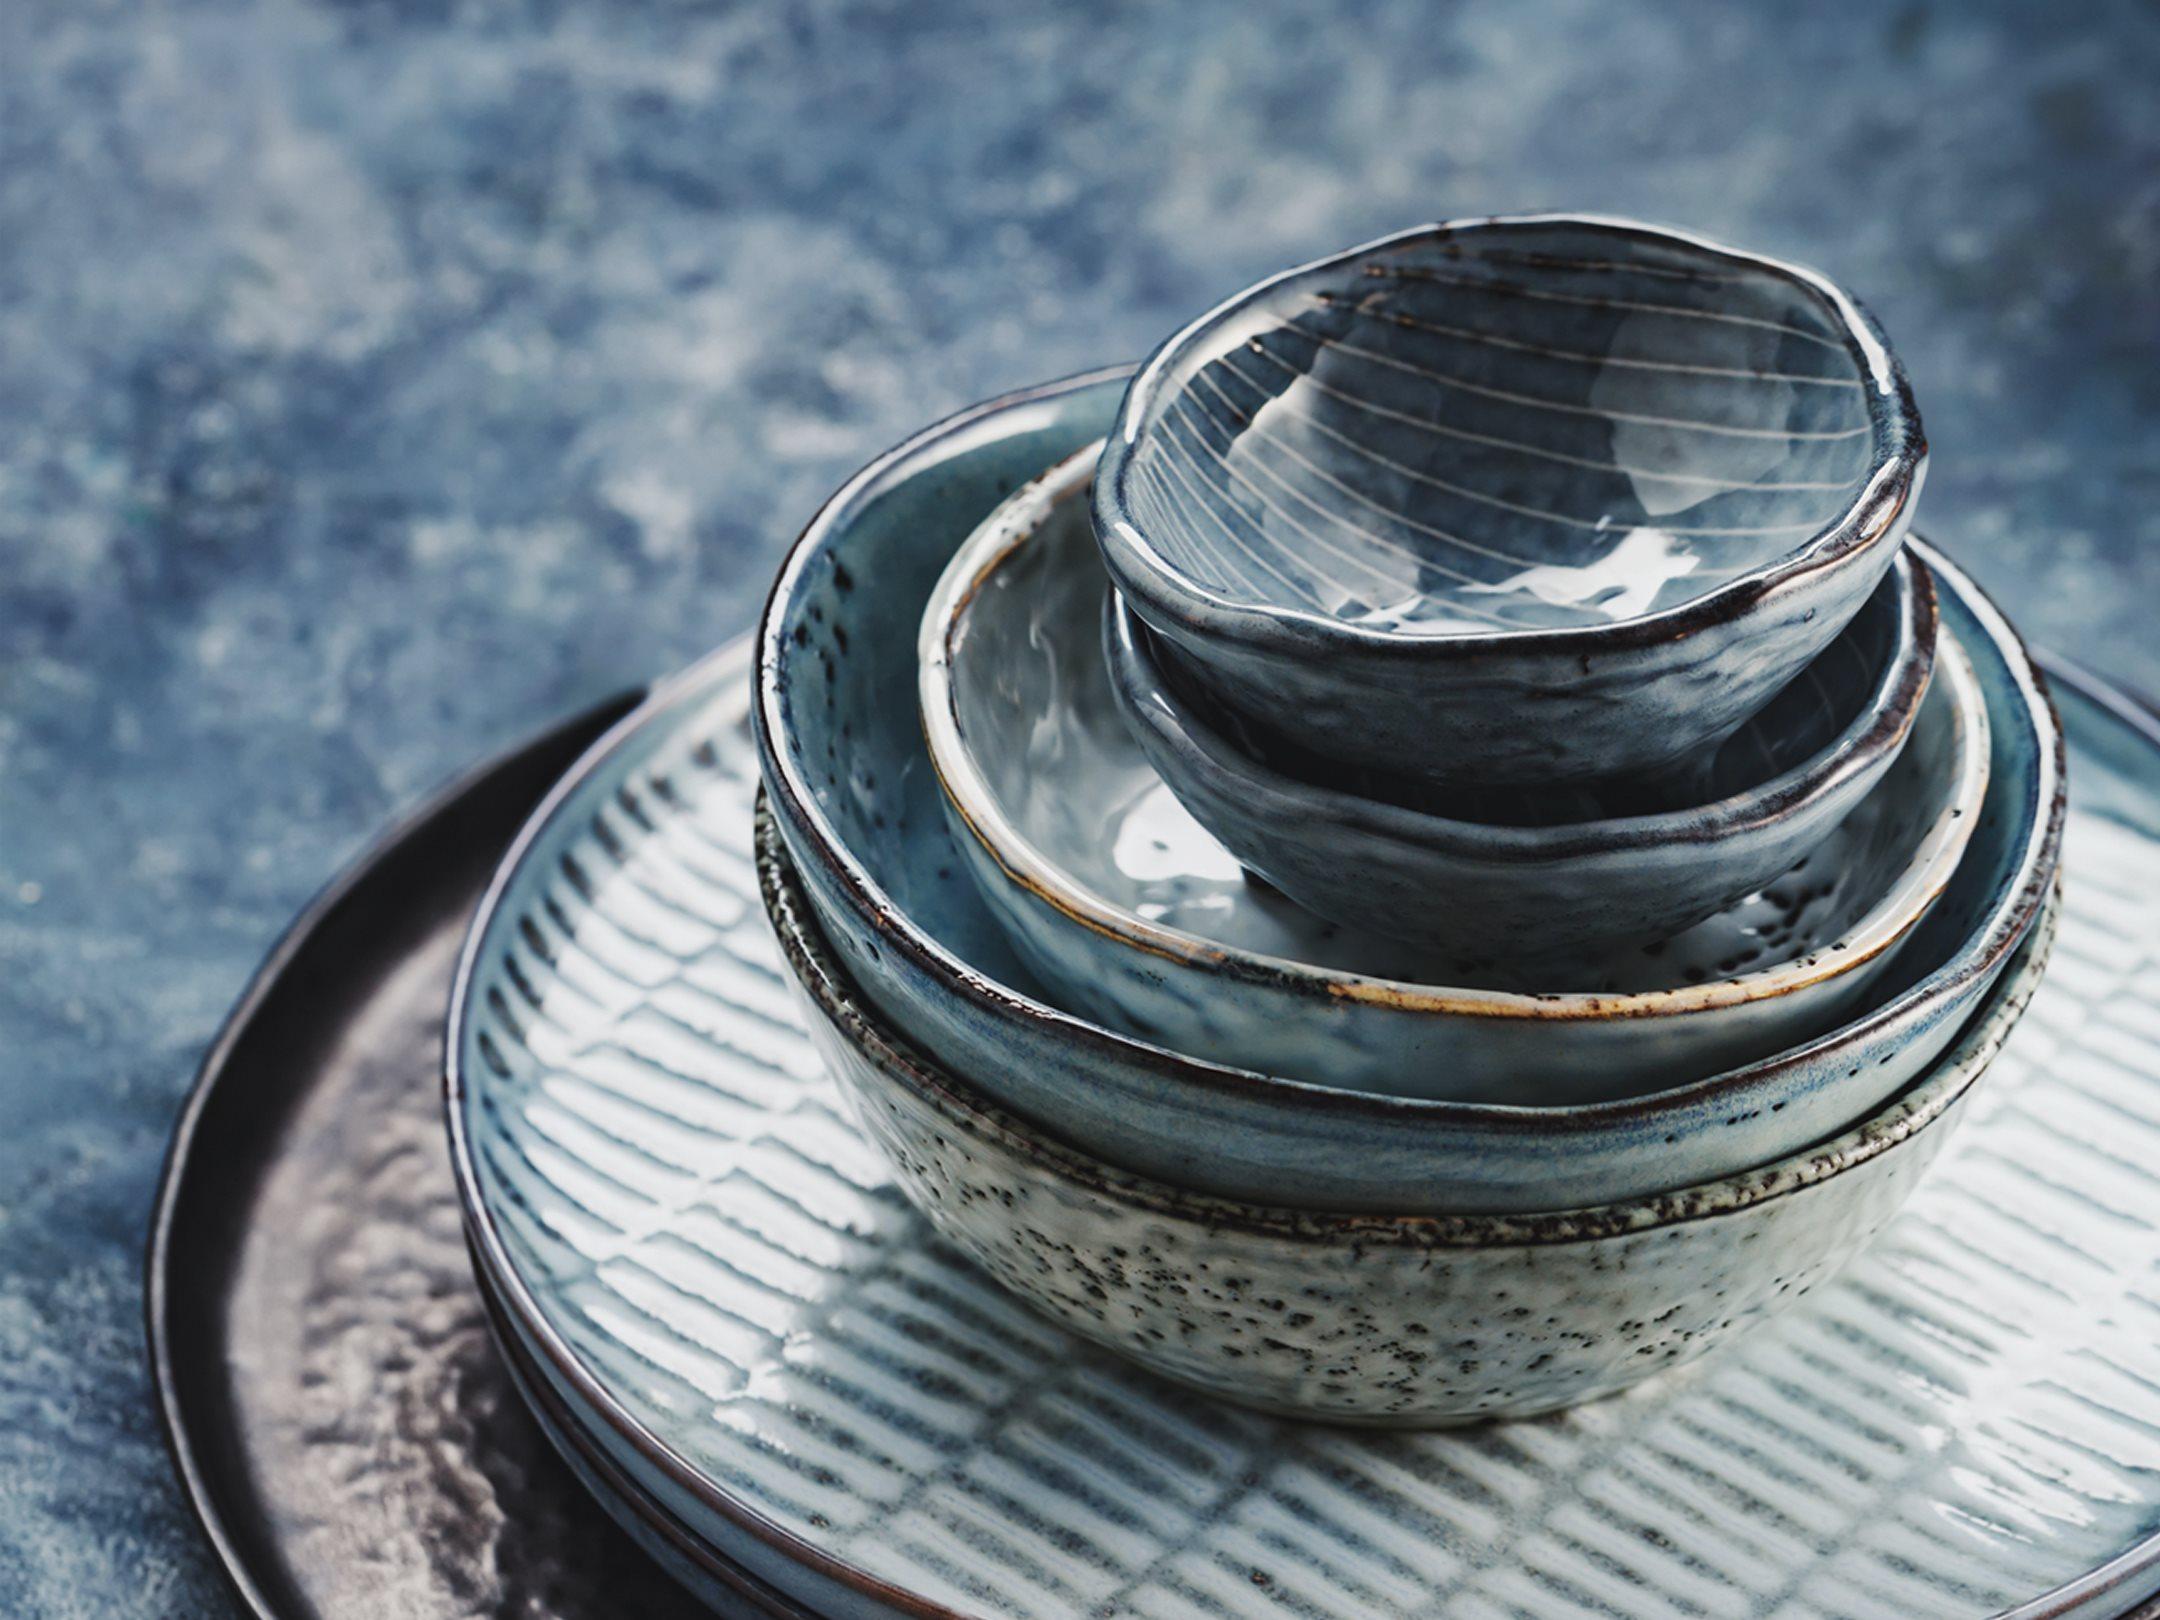 皿、椀、鉢、杯。 毎日使ってる食器の名前、 ちゃんと知ってますか?